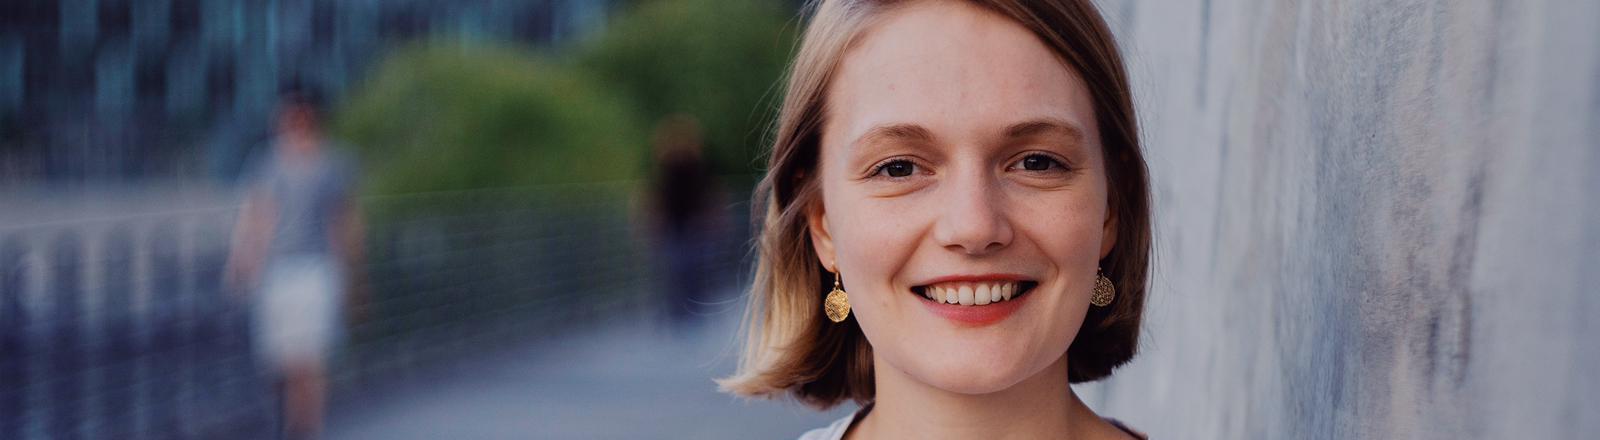 FDP-Politikerin Ria Schröder